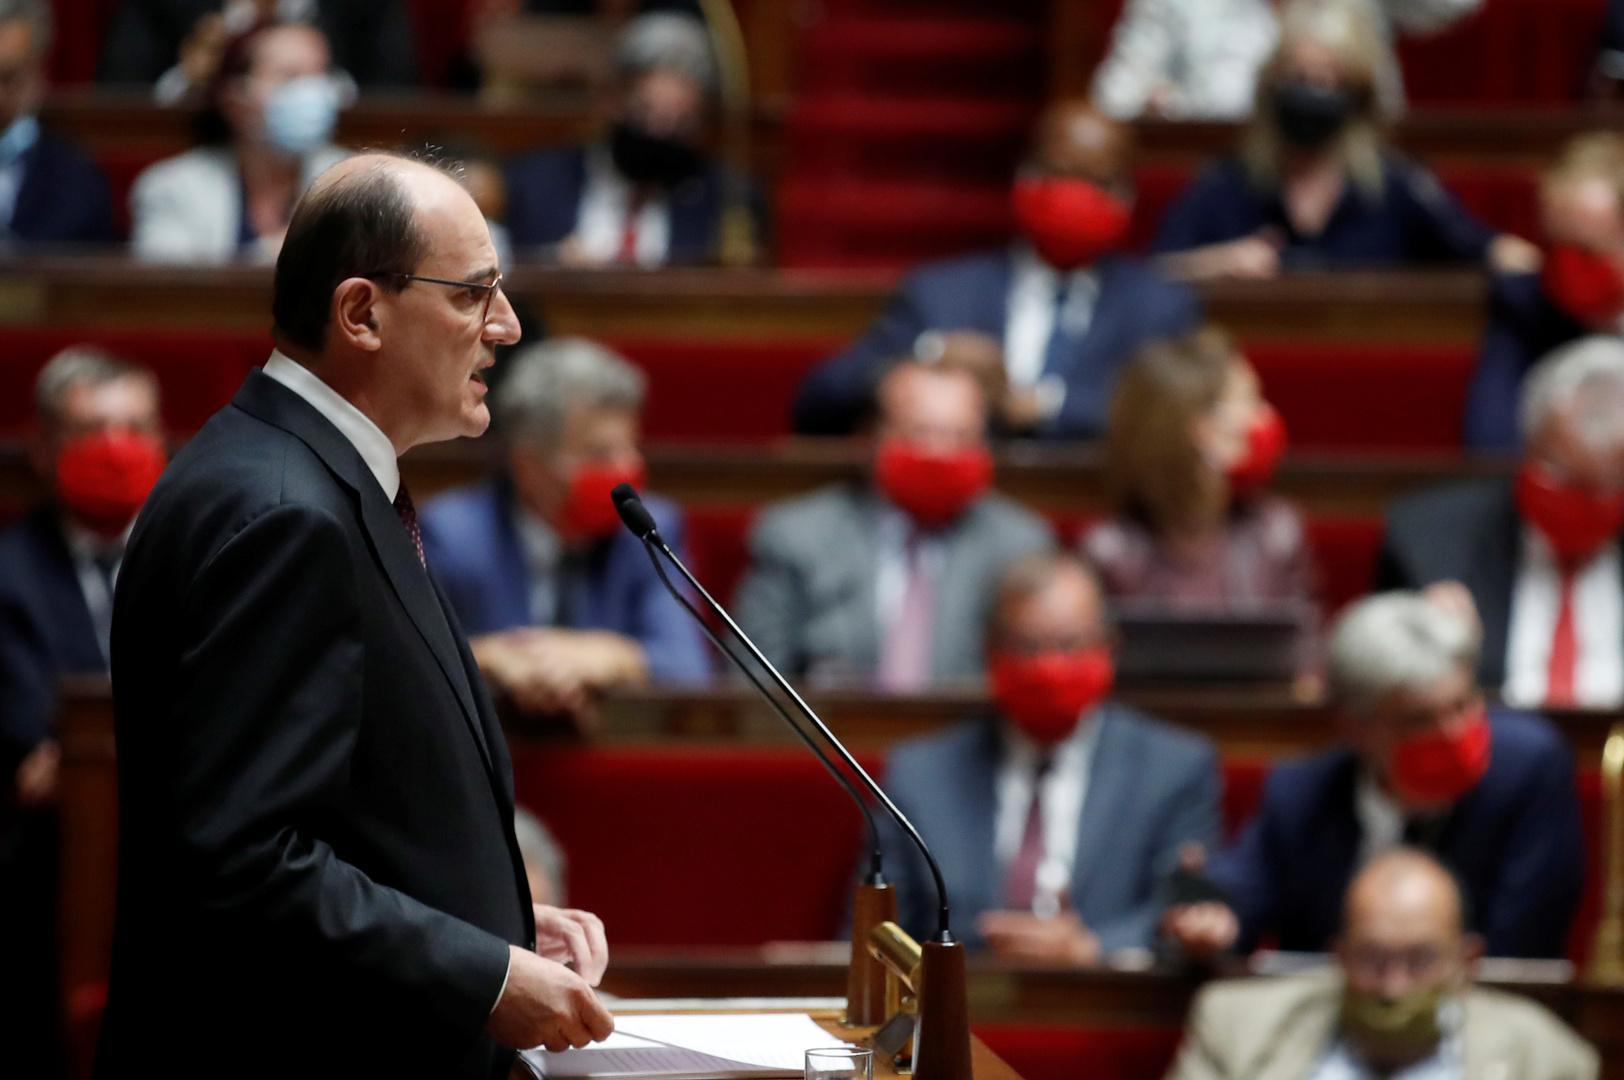 الحكومة الفرنسية تضع مشروع قانون لمكافحة